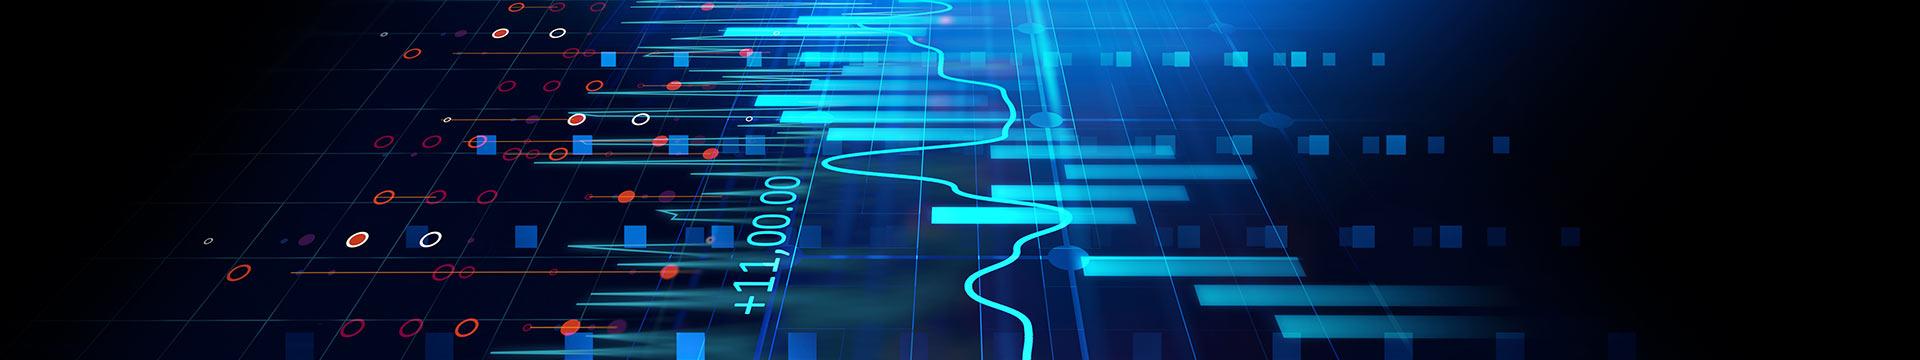 Piselli and Partners offre consulenza legale specializzata sulla Digital Transformation